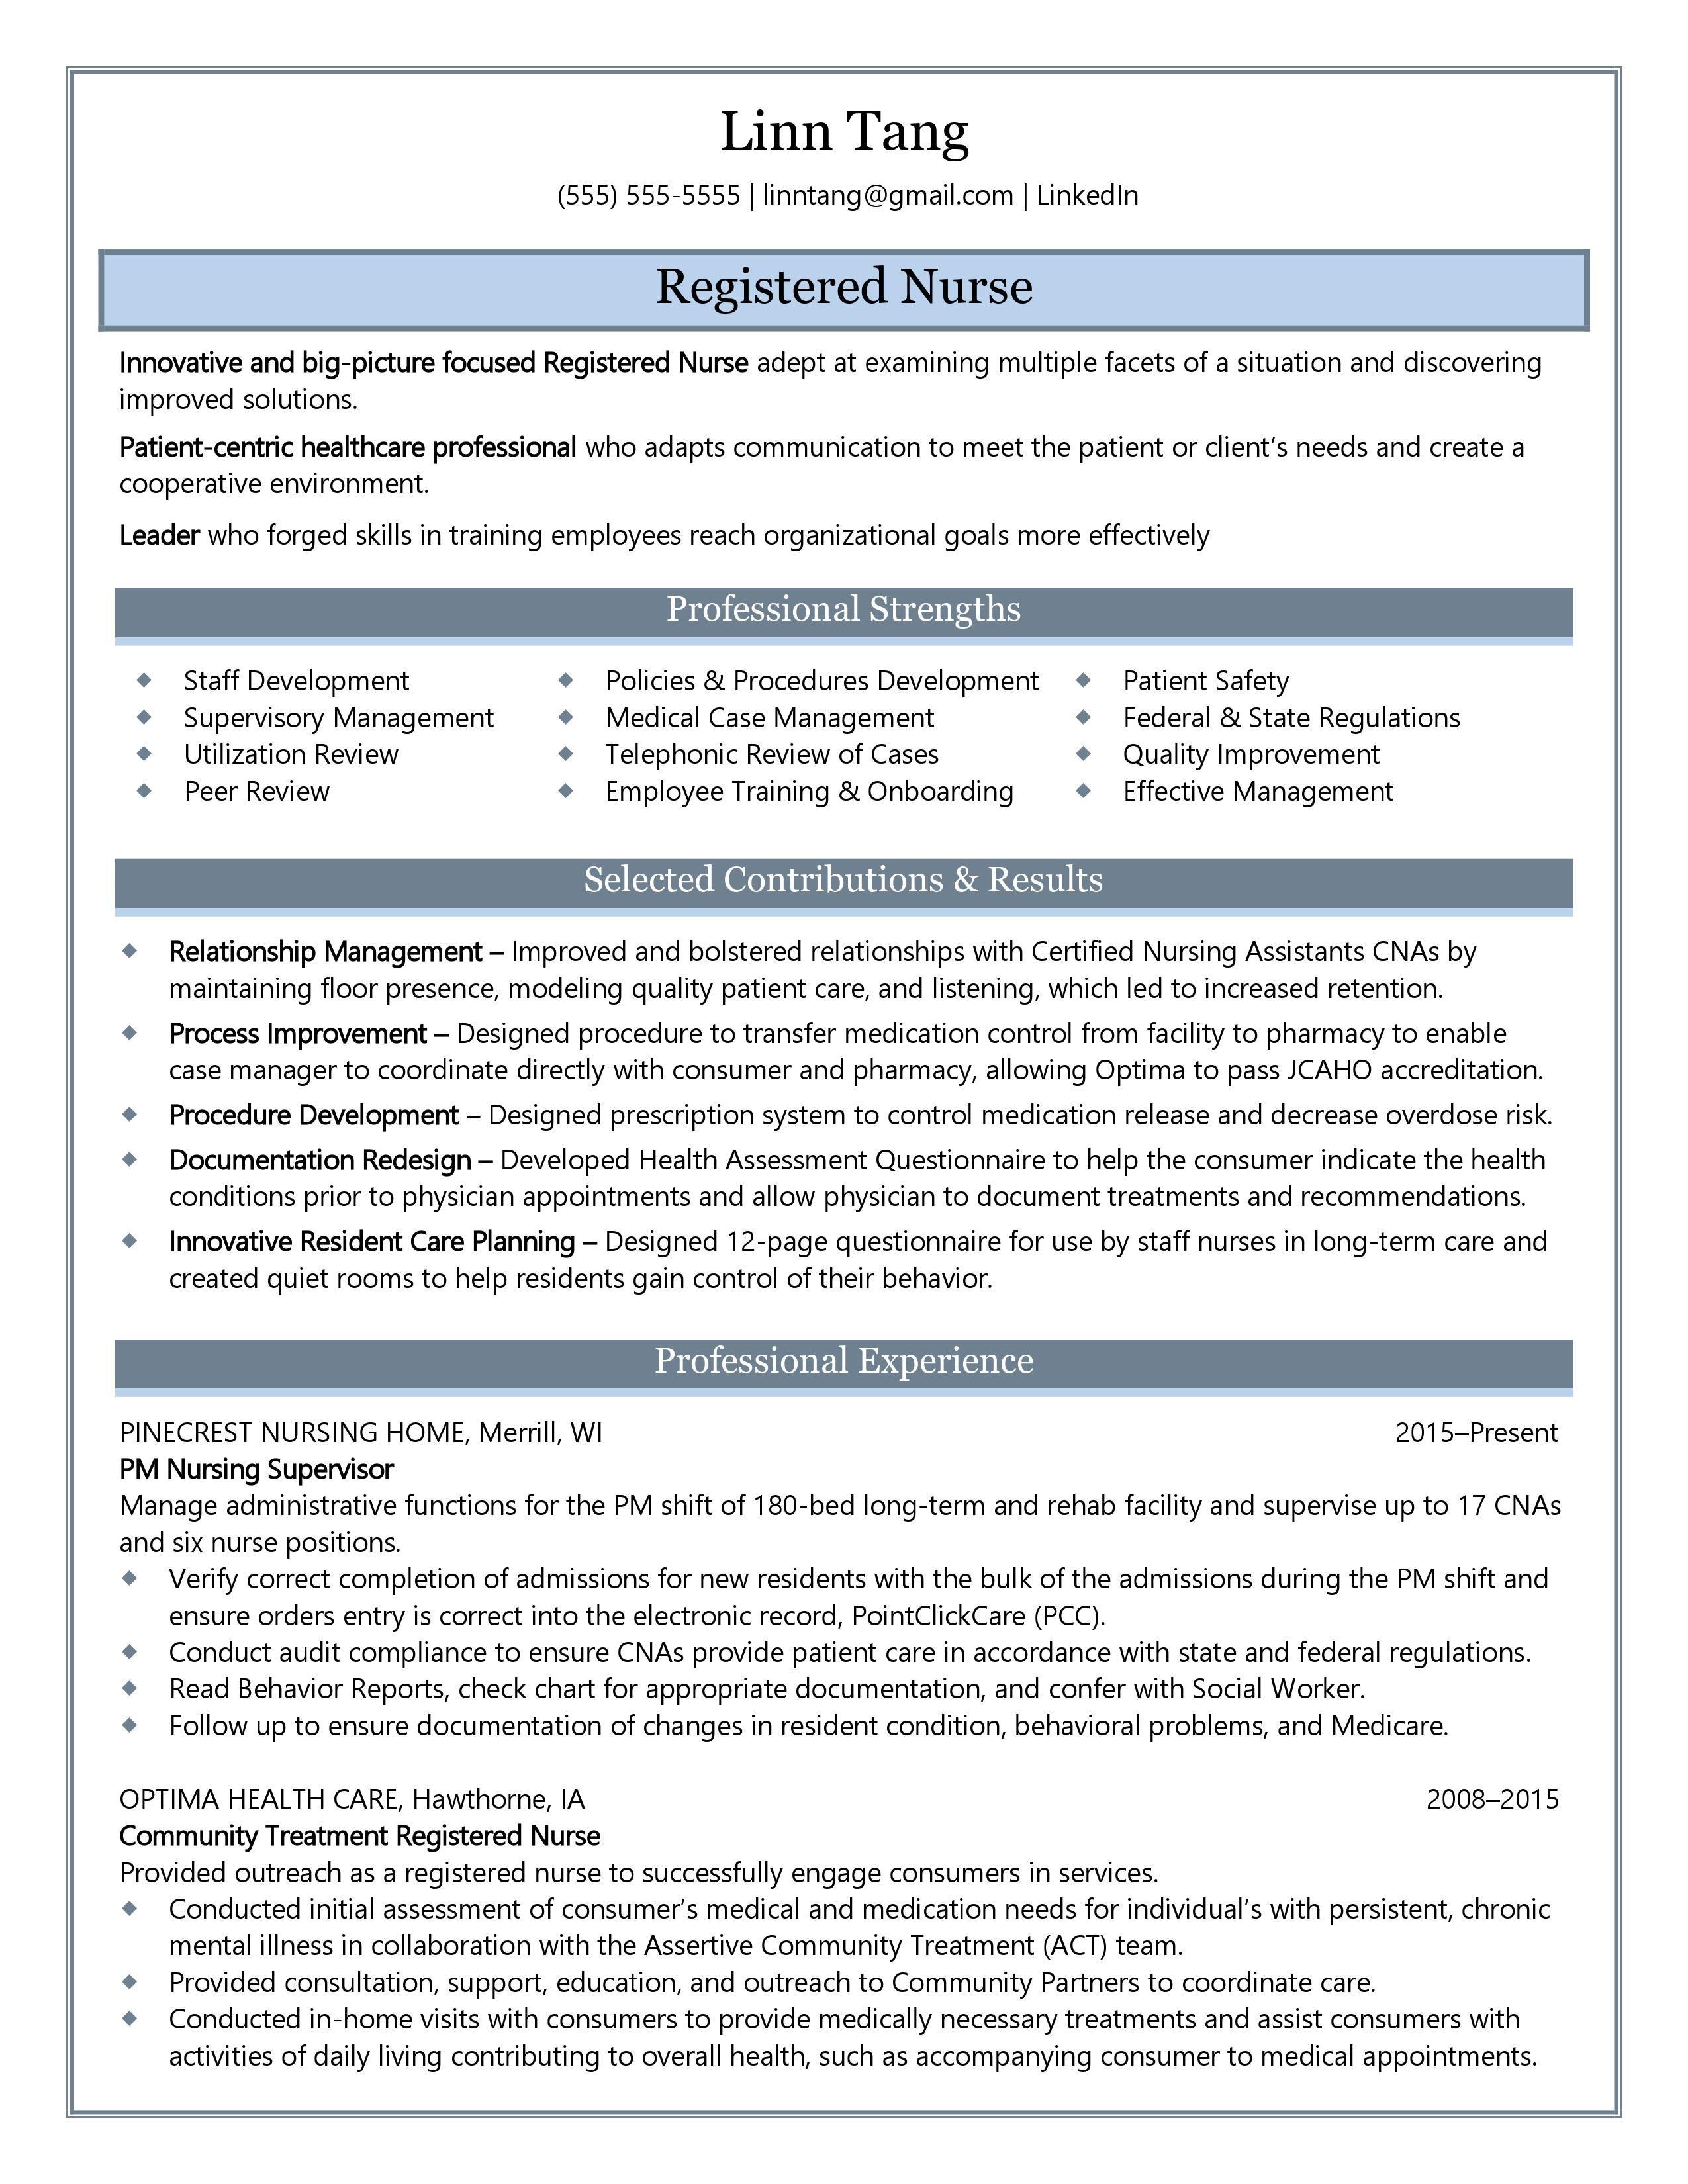 Resume Samples Resume Samples For Freshers Resume Samples For